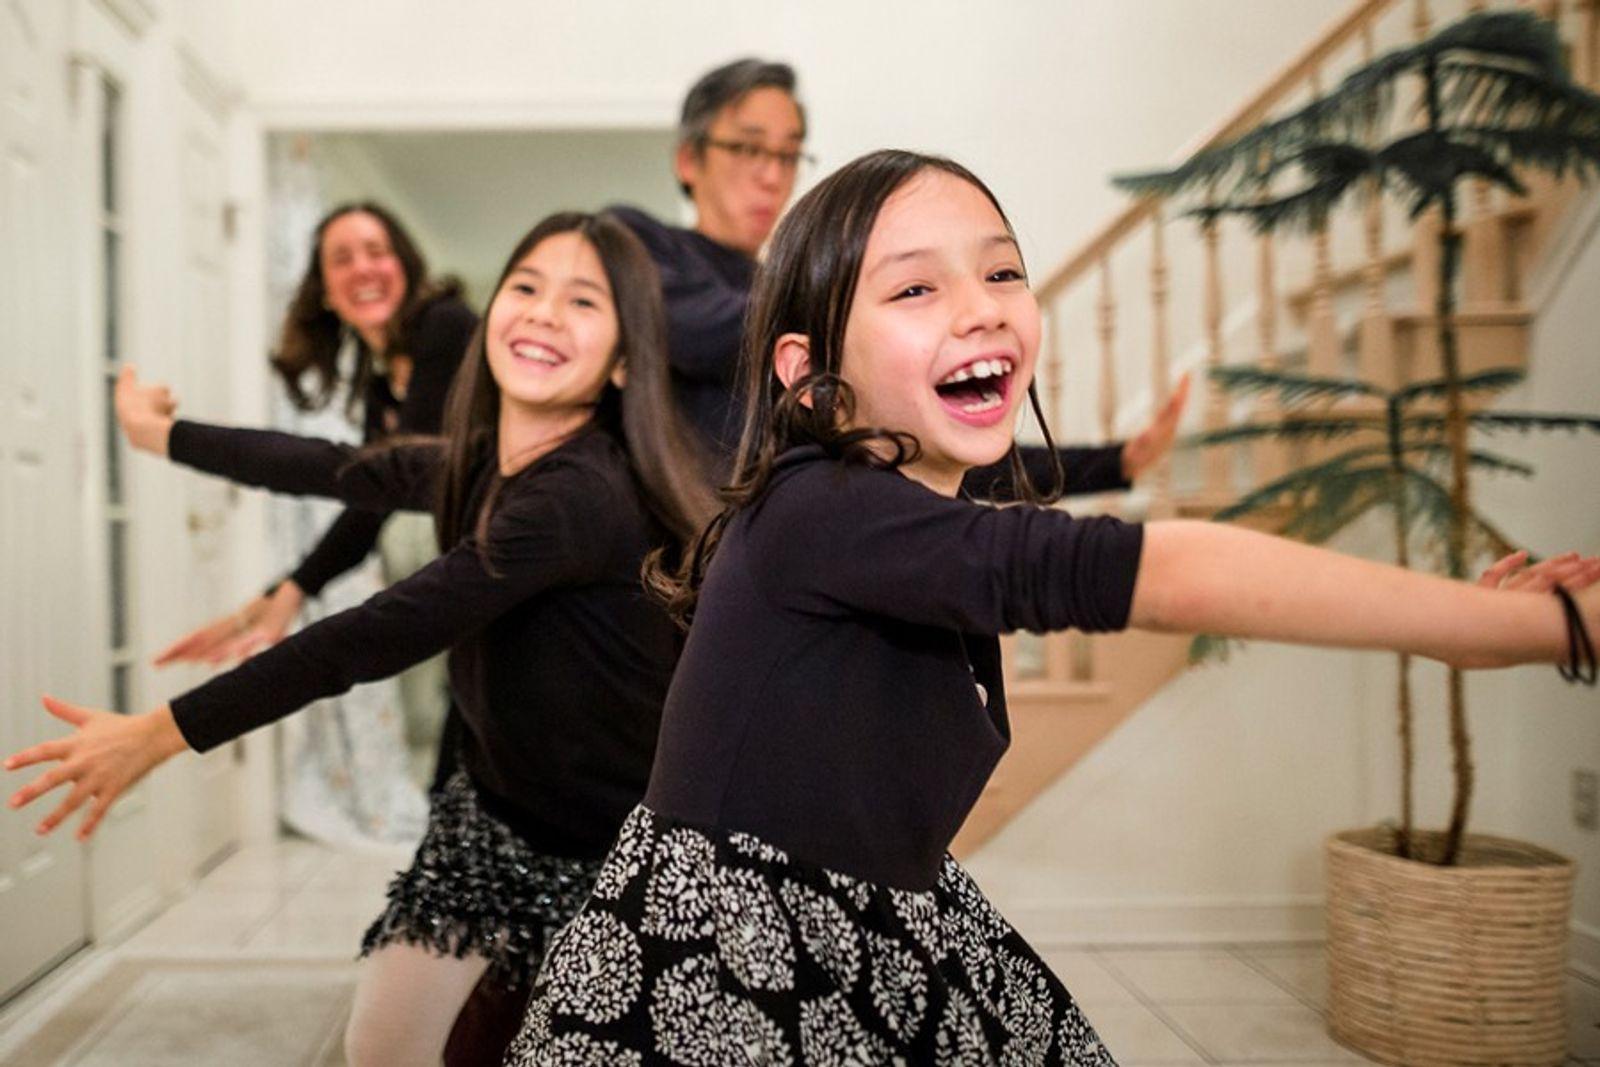 Dos Pais Para a COVID-19: Vamos Retomar os Nossos Fins de Semana.